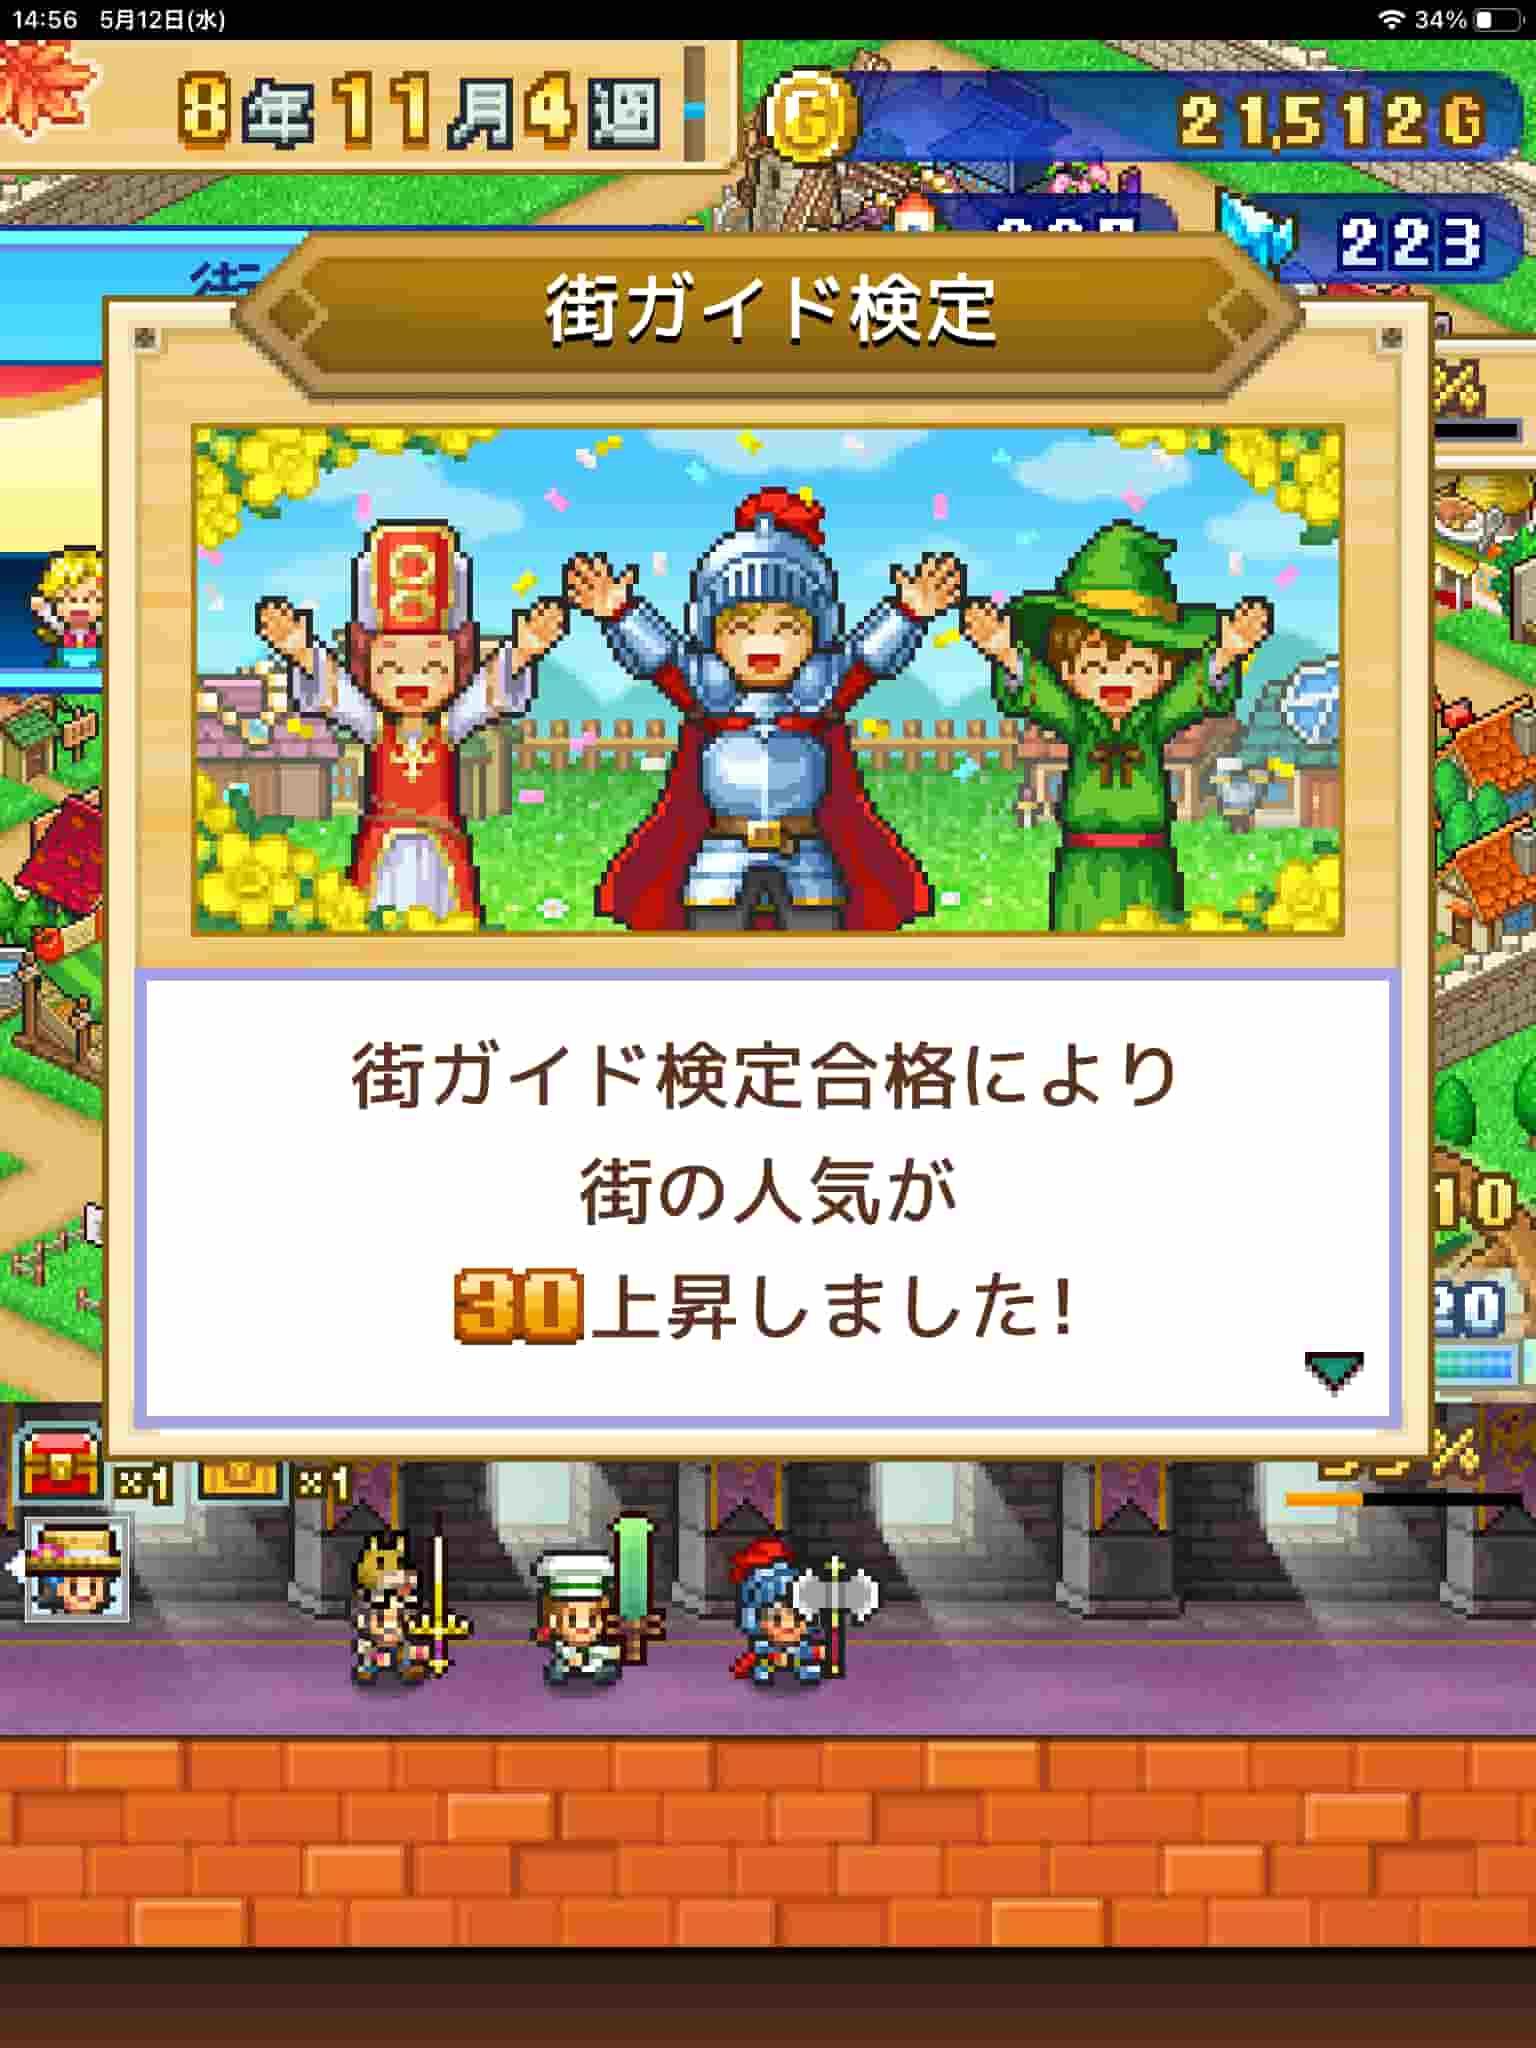 冒険ダンジョン村2、レビュー